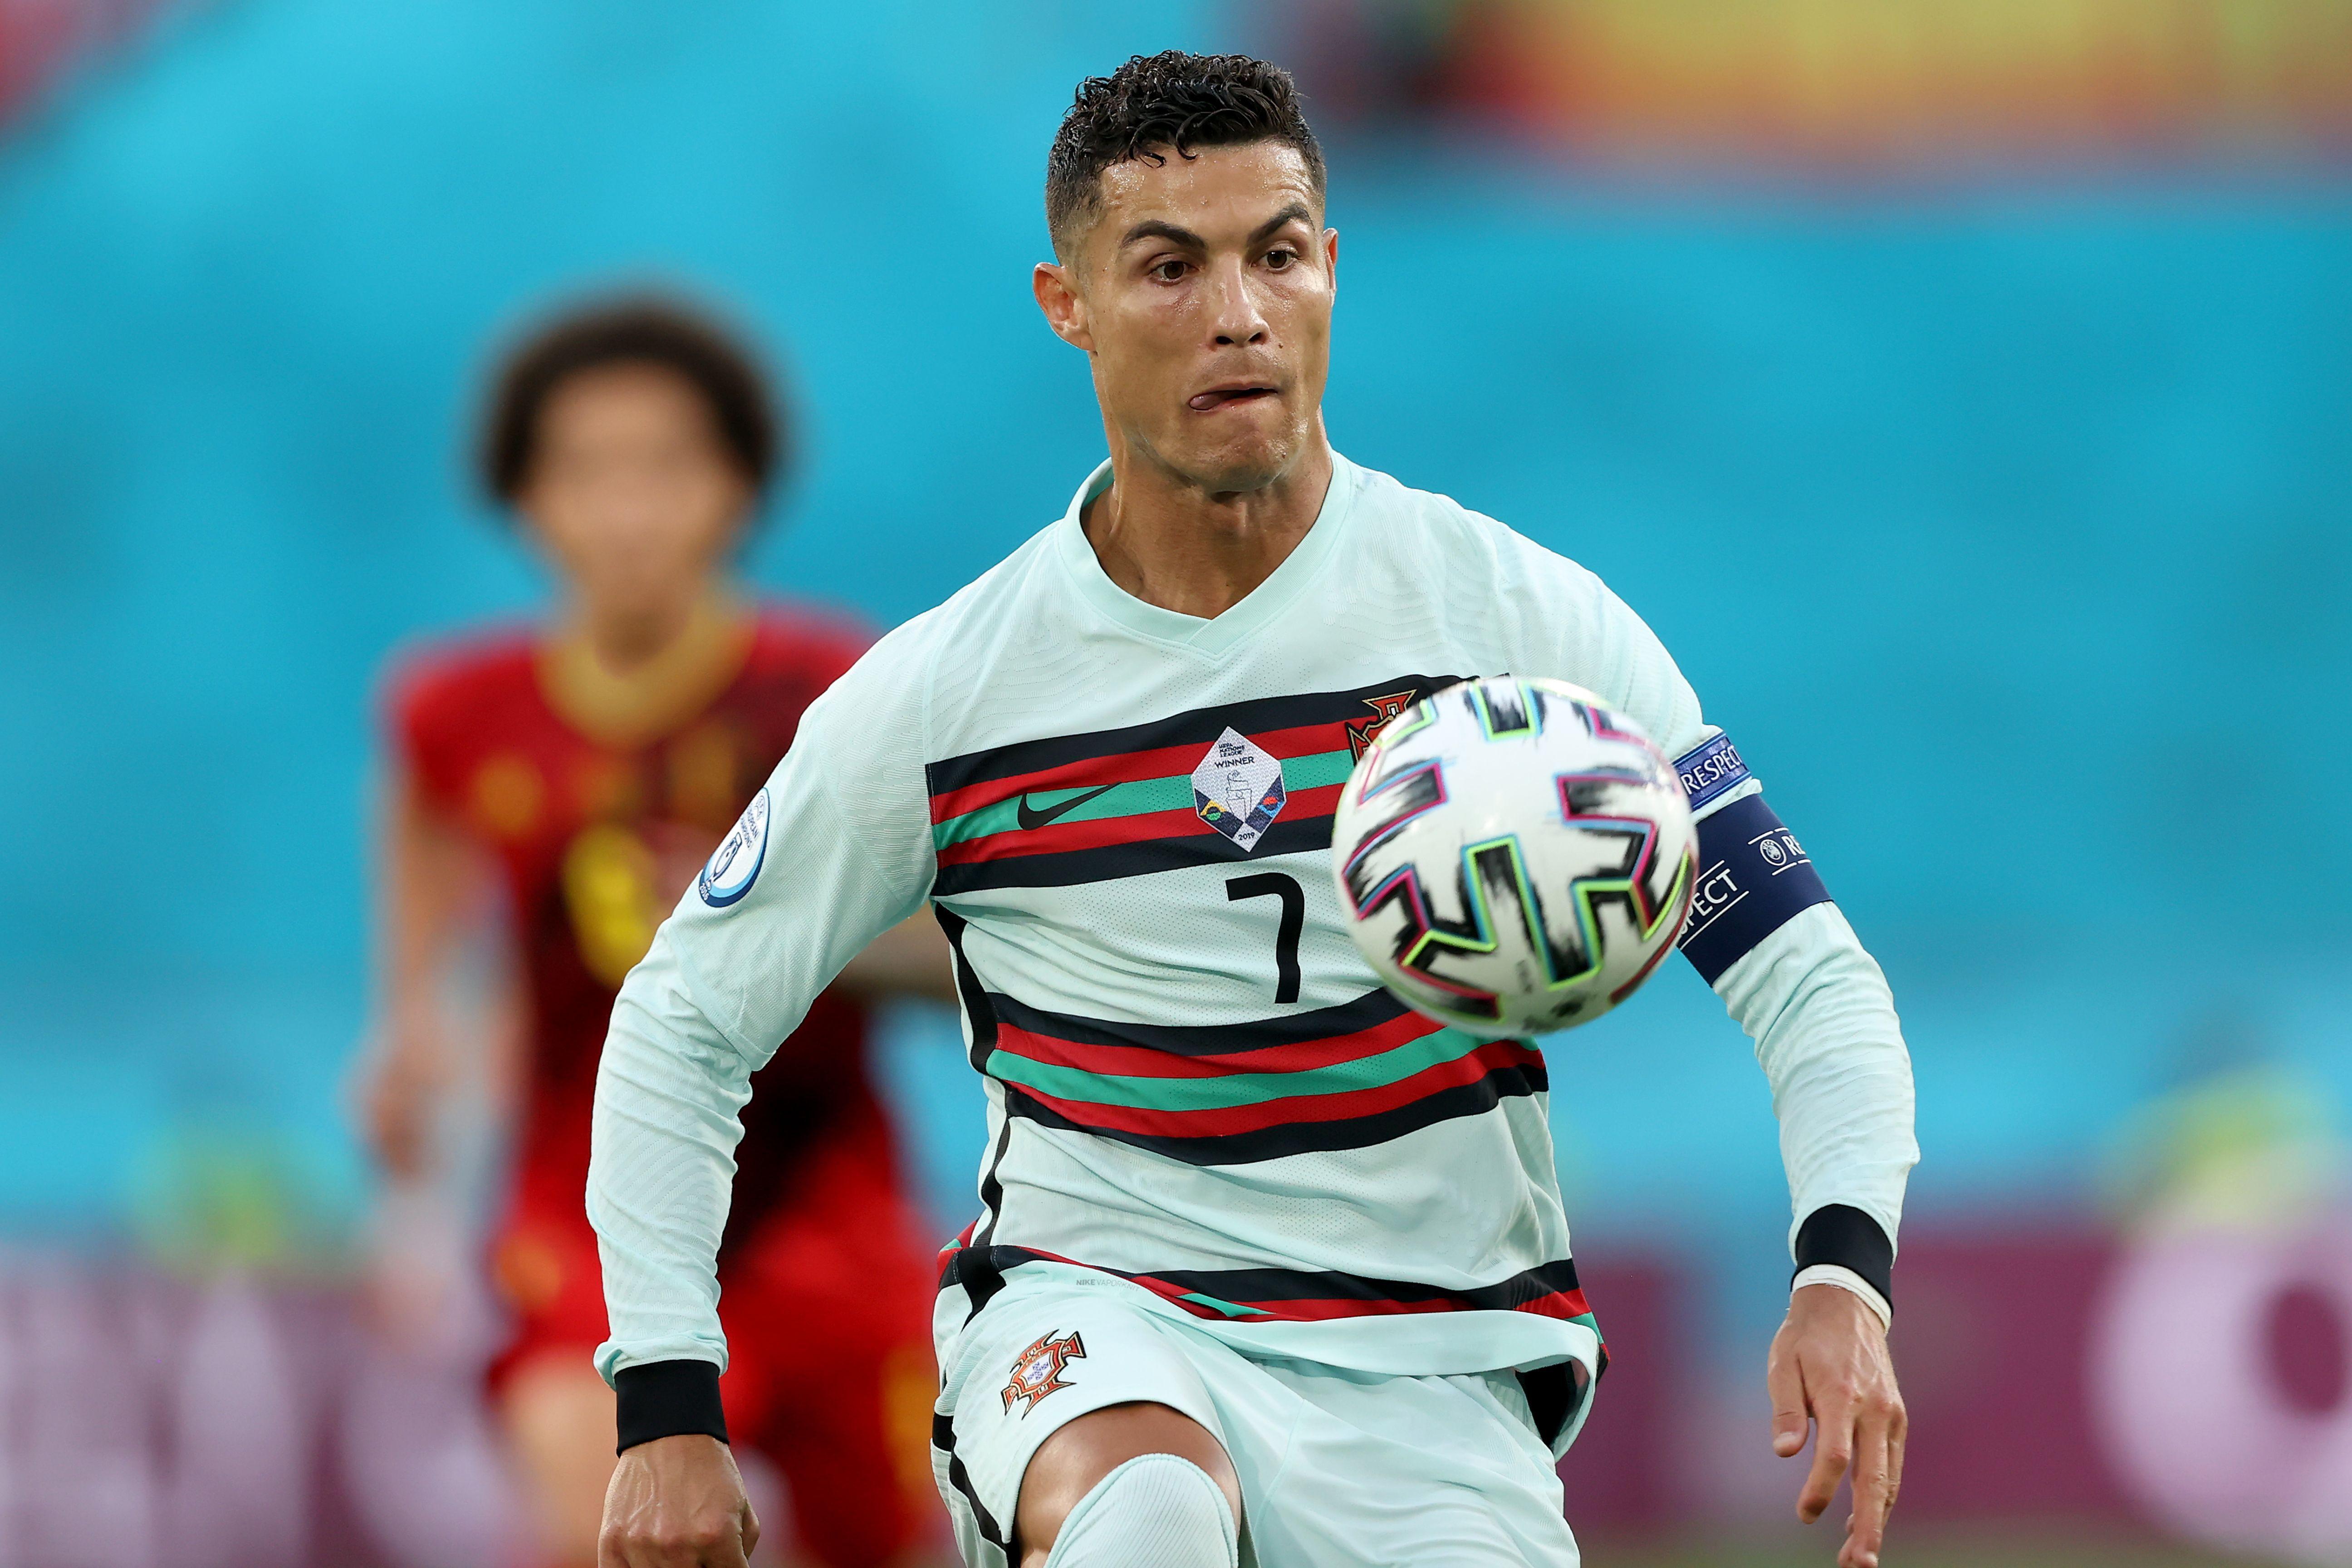 Cristiano Ronaldo (Juventus - Portogallo) - Come per Messi, impossibile non candidarlo alla vittoria. Ma tra Juve e Portogallo è sempre arrivato lontano dal traguardo